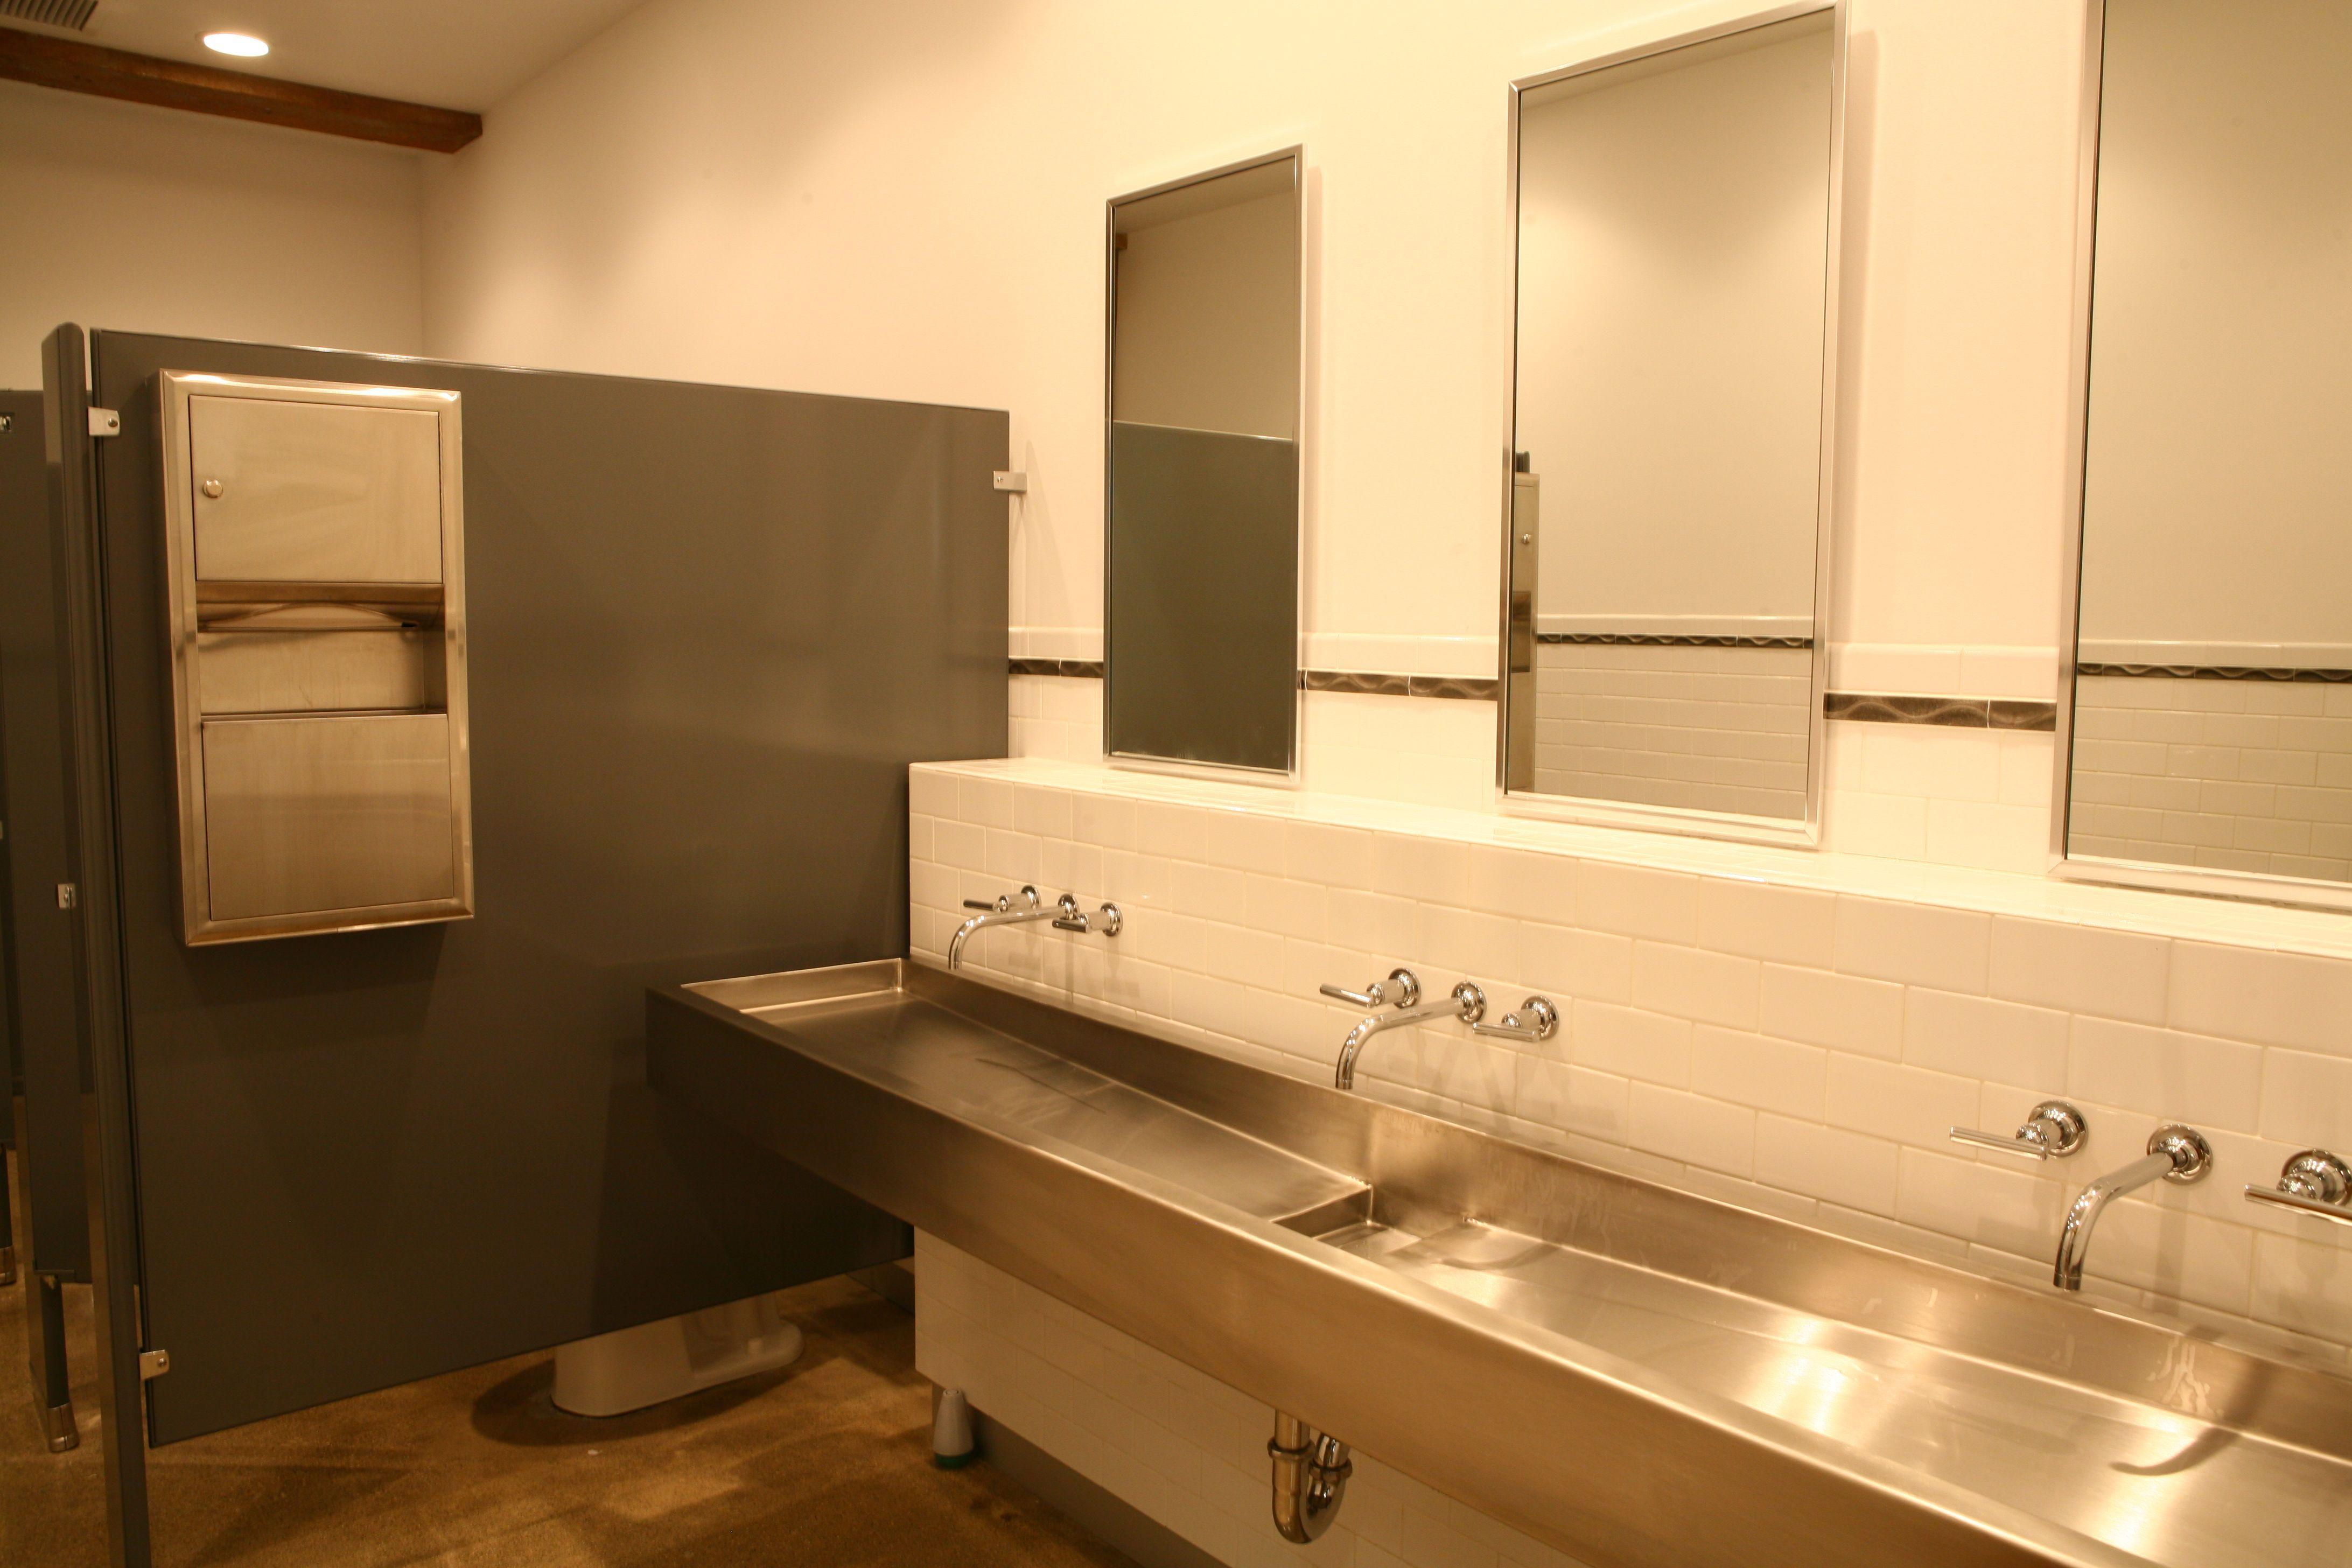 Commercial Restrooms - Commercial Restroom Sink #Restroomsink